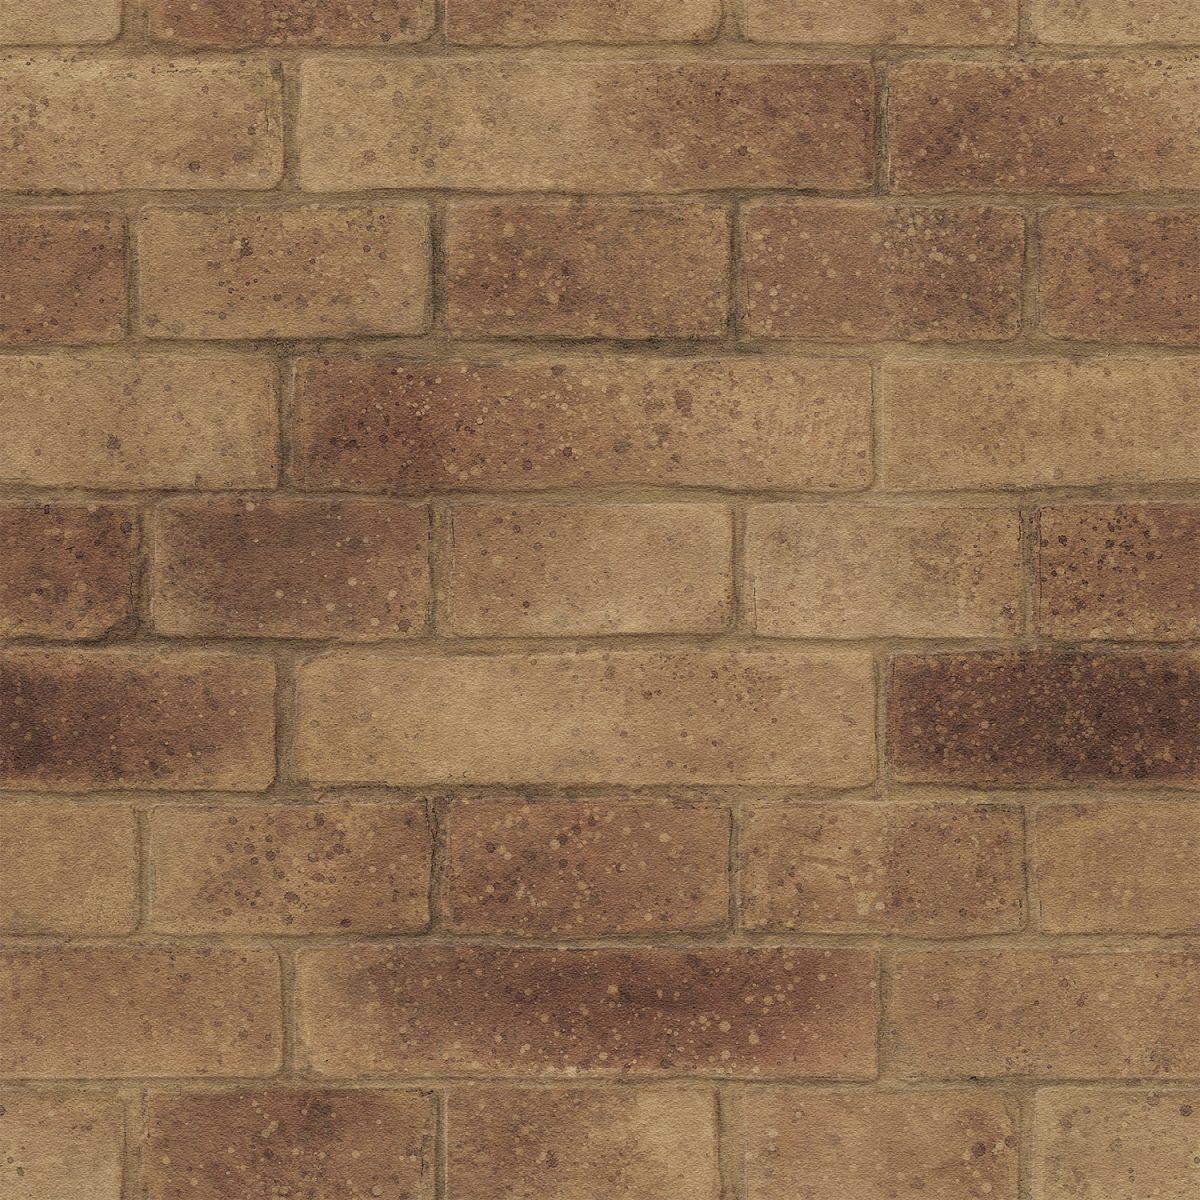 Papel de parede tijolinho vinílico Natural